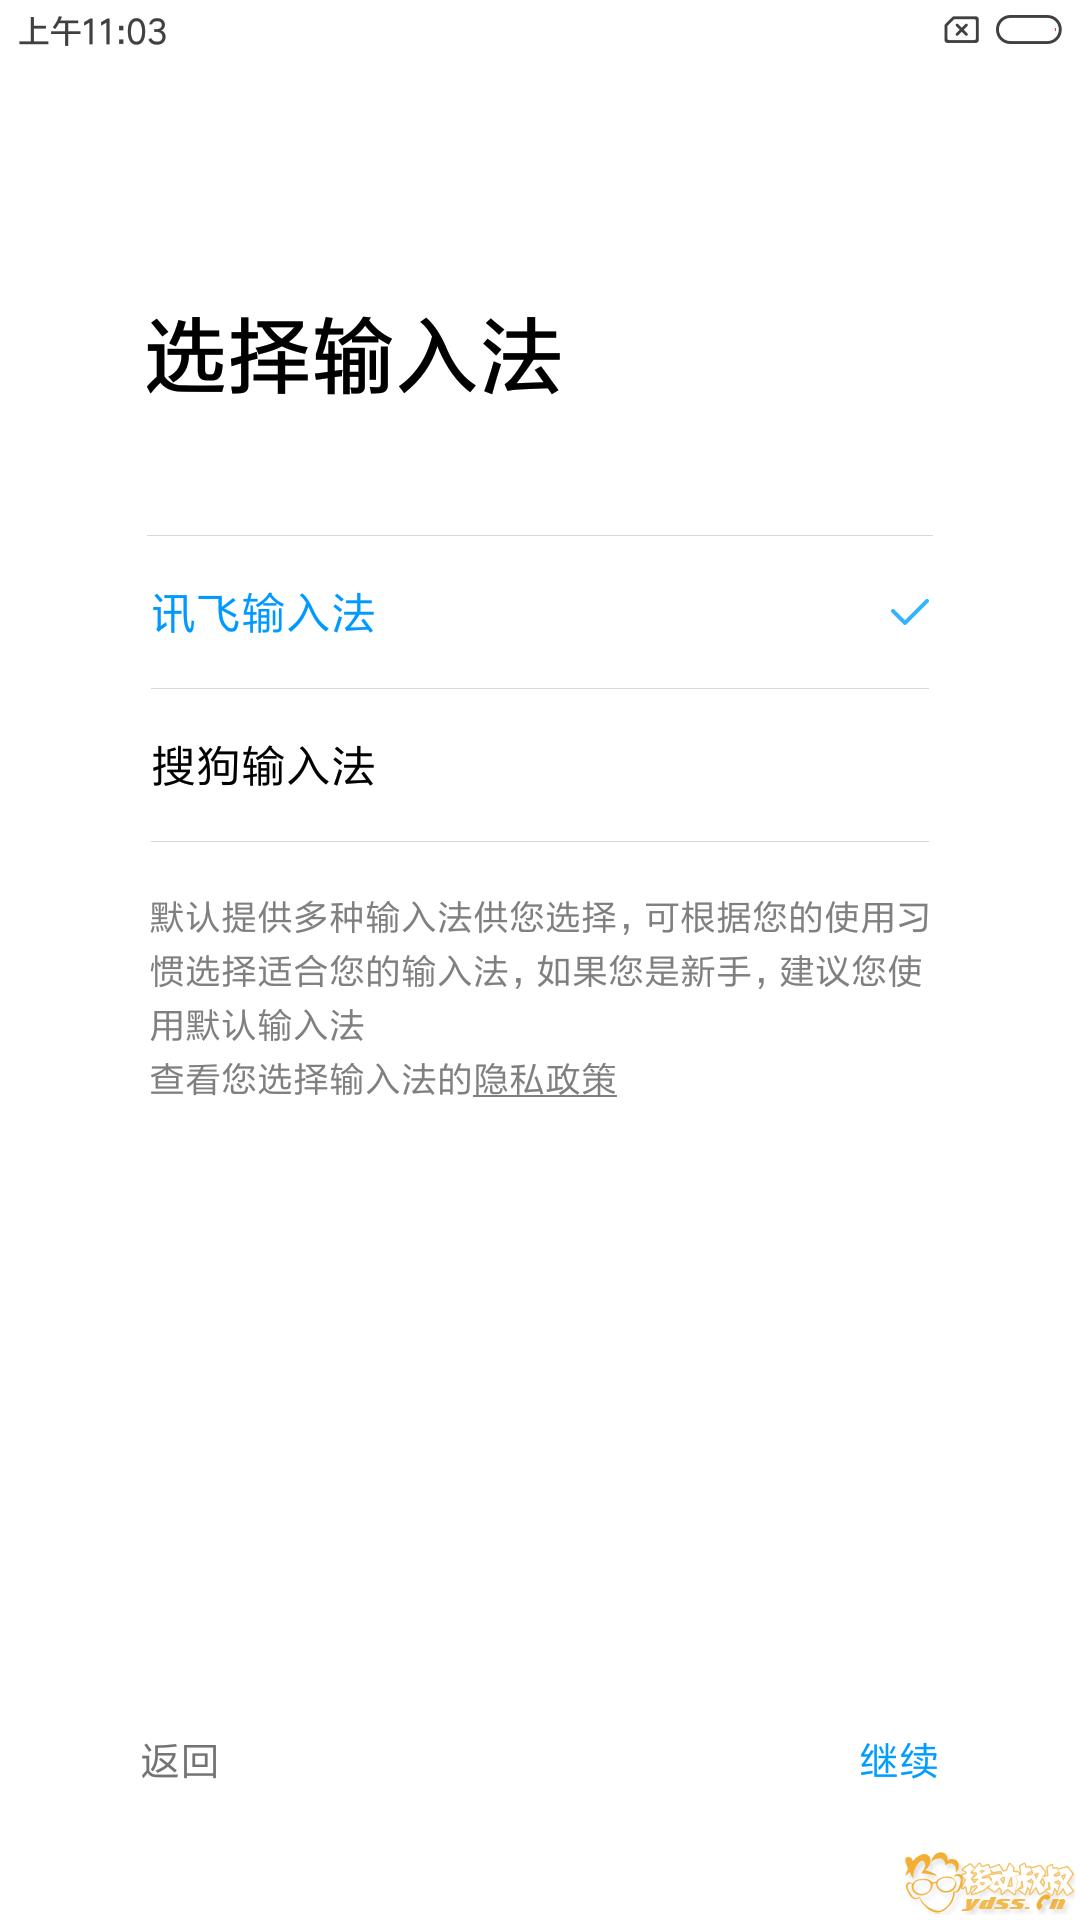 Screenshot_2018-07-06-11-03-49-430_com.android.pr.png